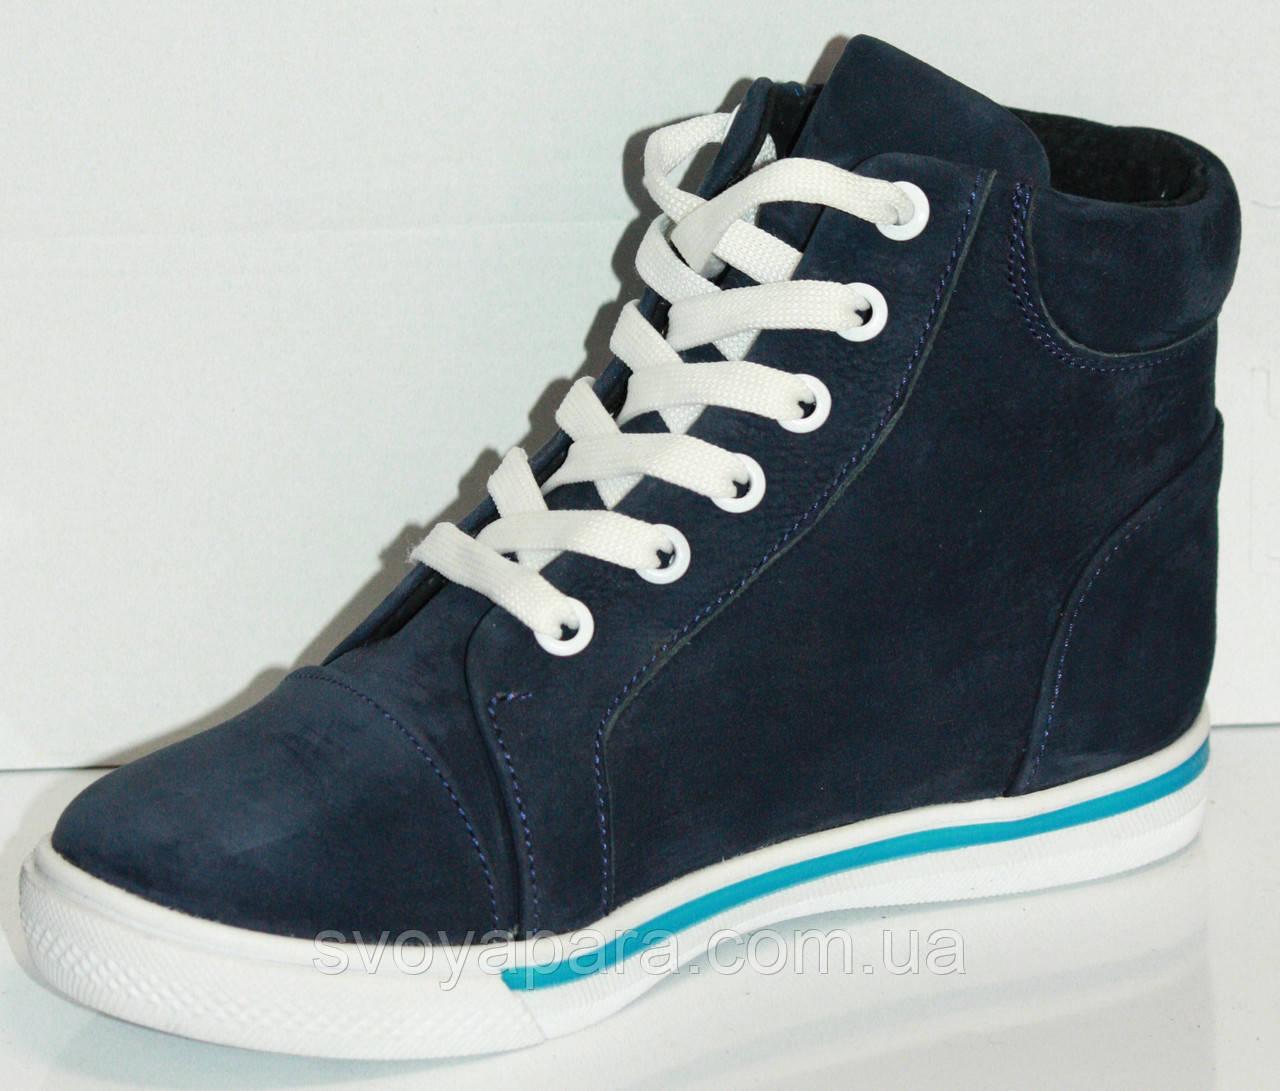 Кеды подростковые для мальчика синие нубуковые (0298)